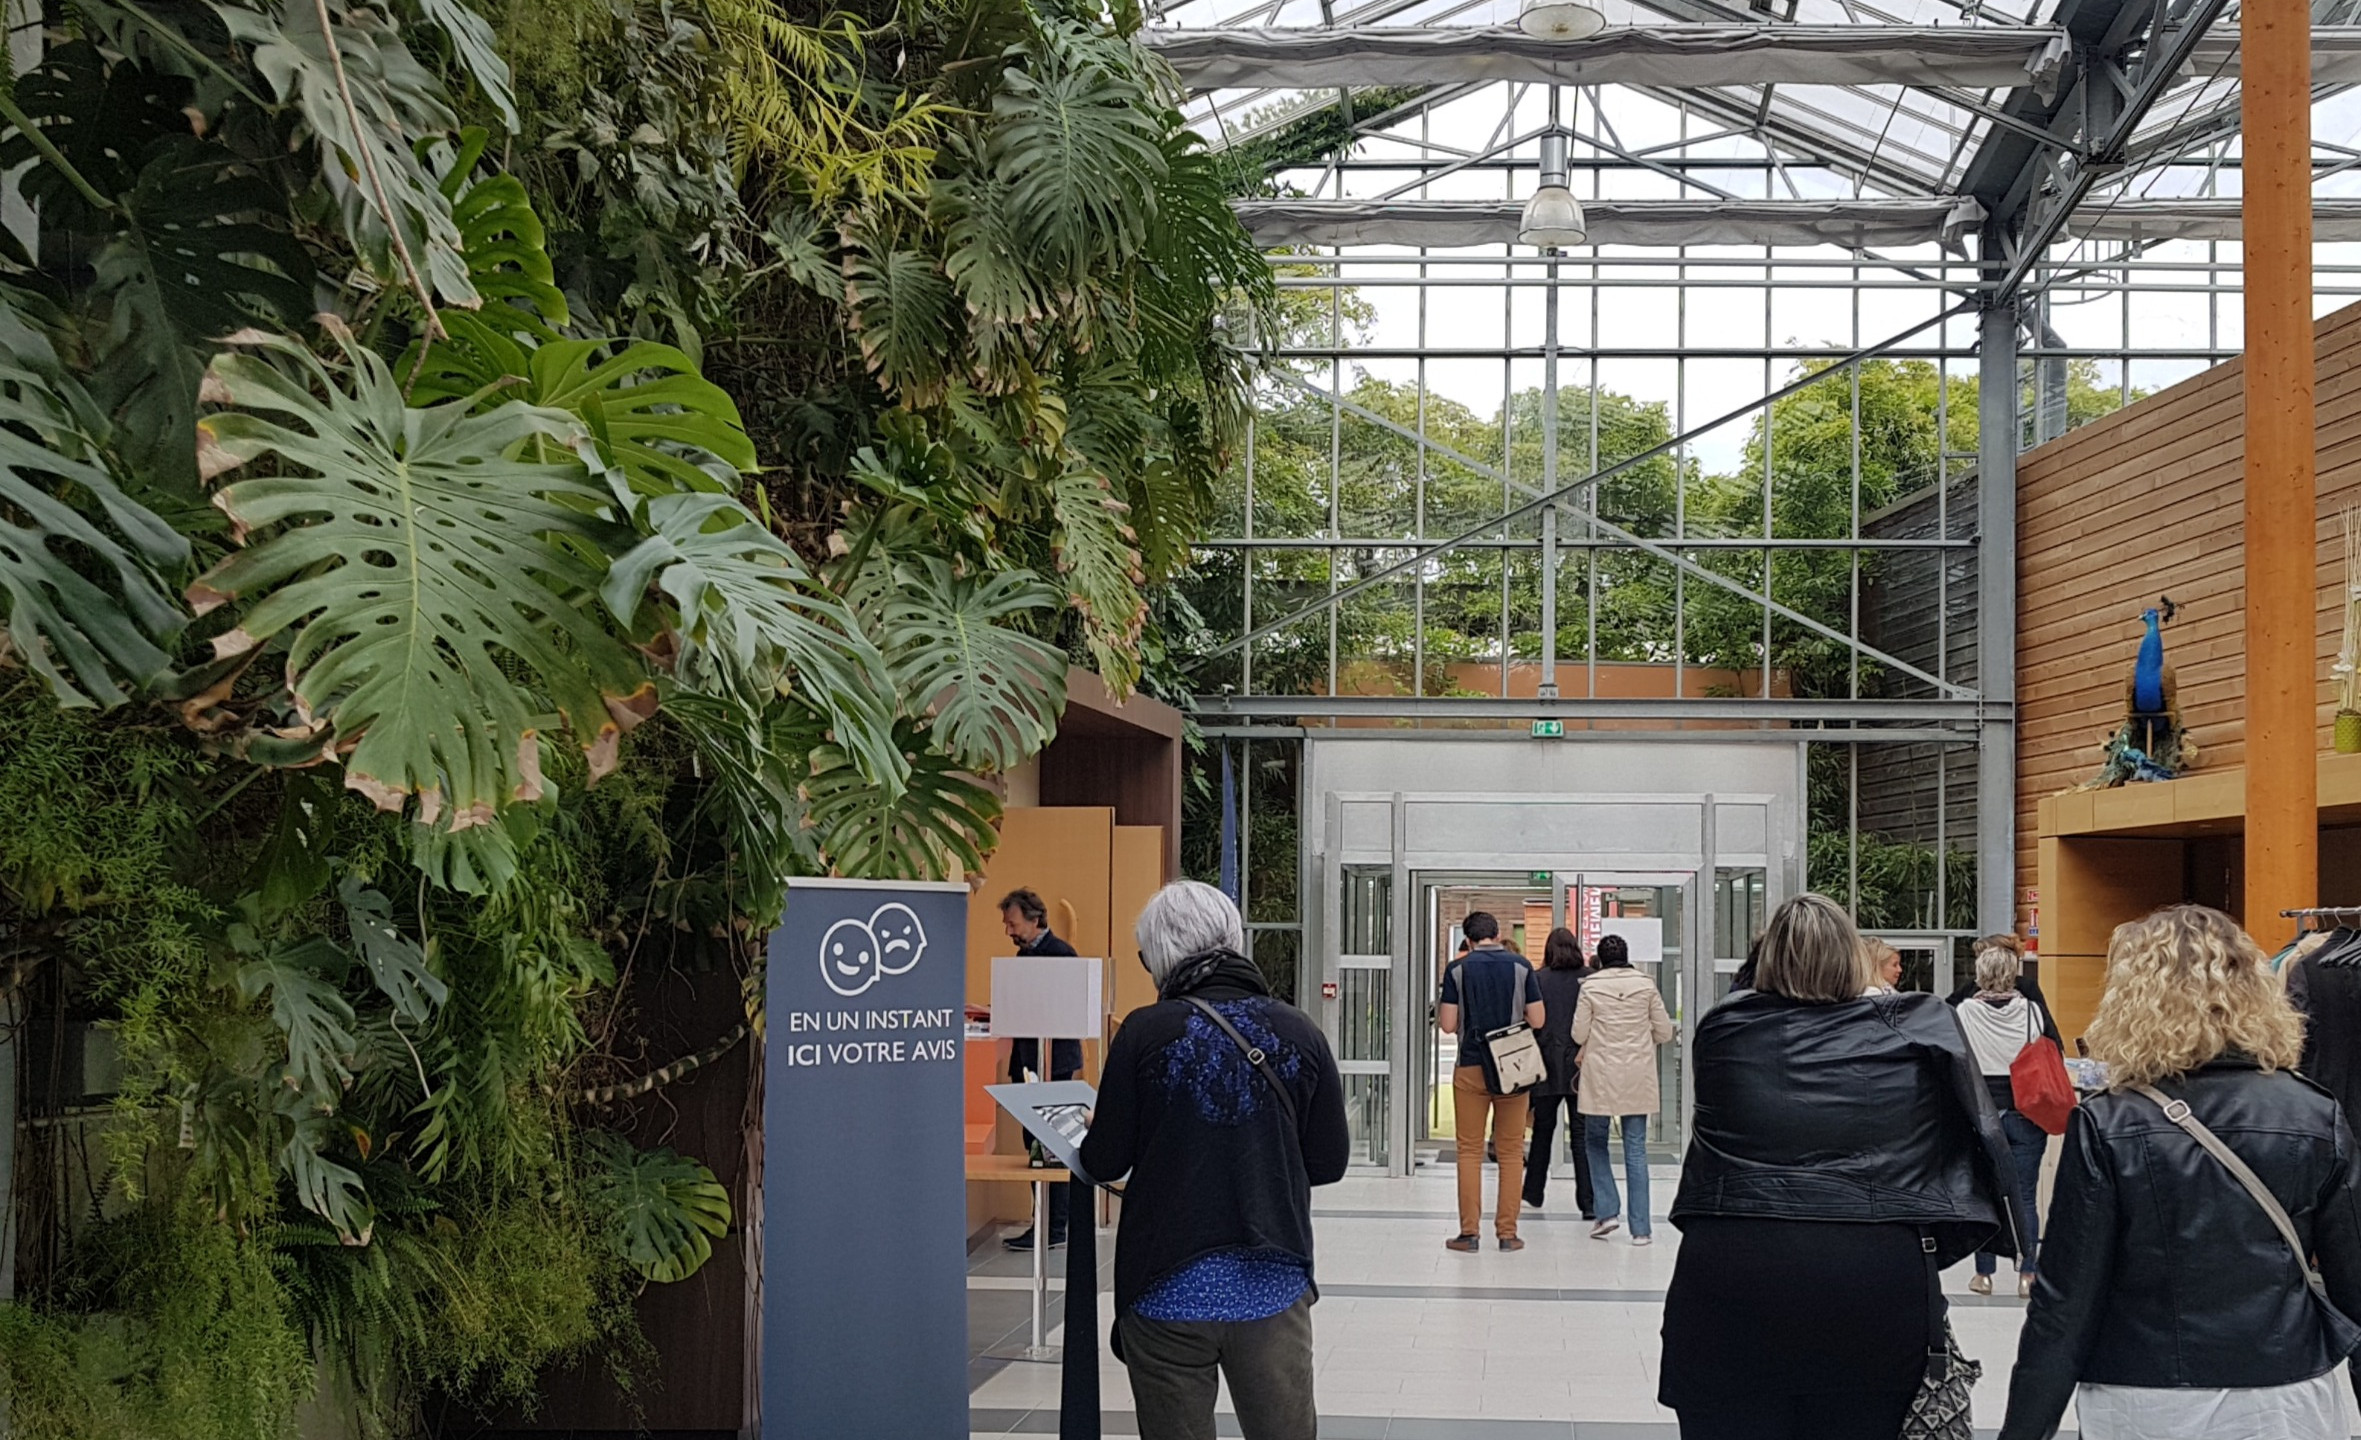 Borne Civiliz exposée lors des 7èmes rencontres nationales - Terra Botanica, Angers